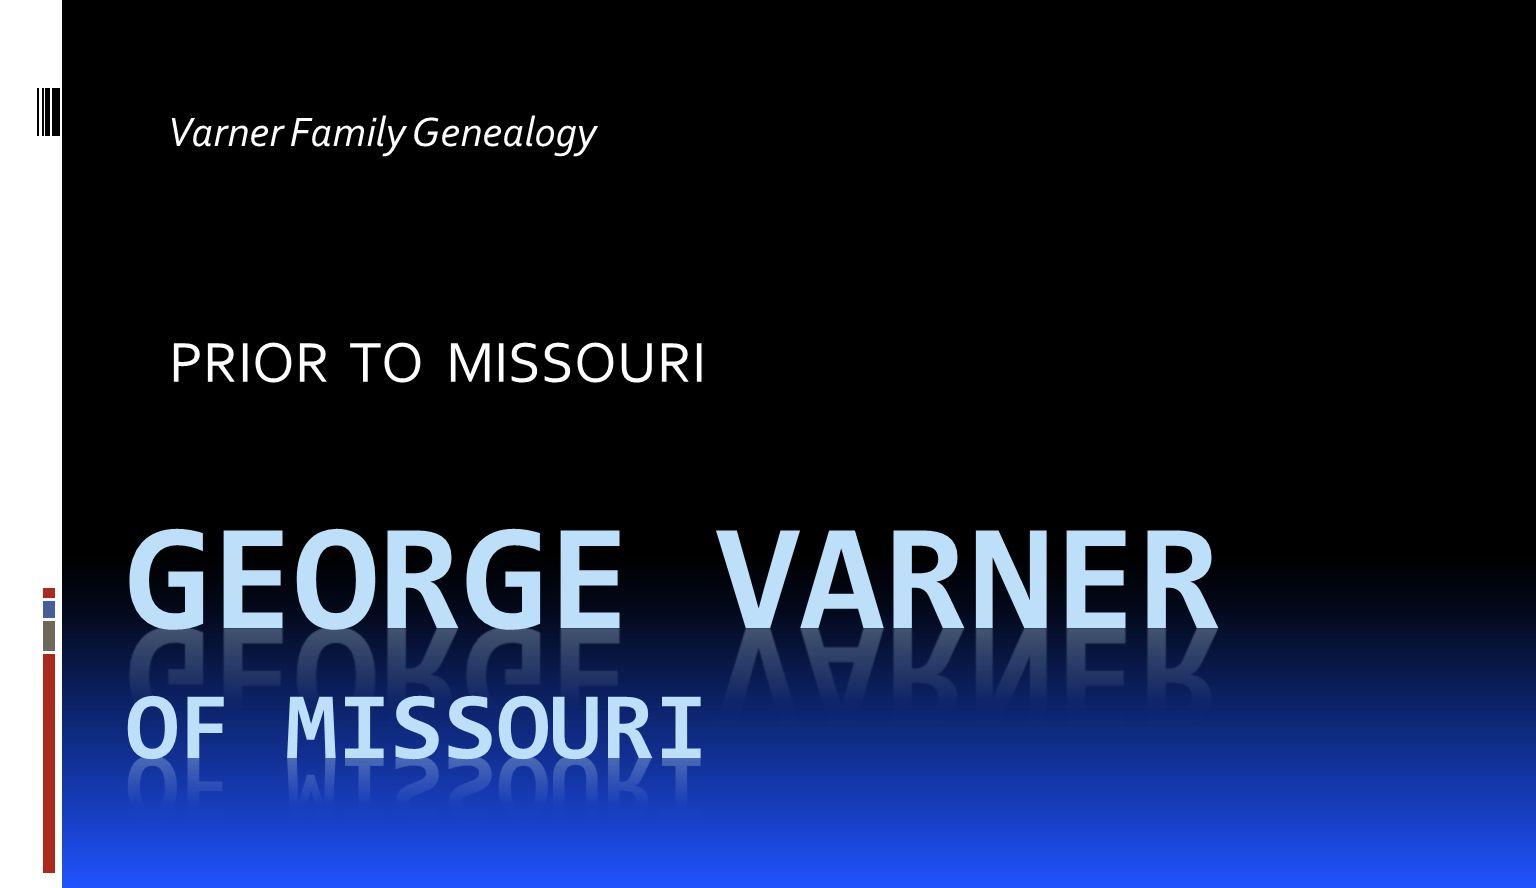 GEORGE VARNER OF MISSOURI